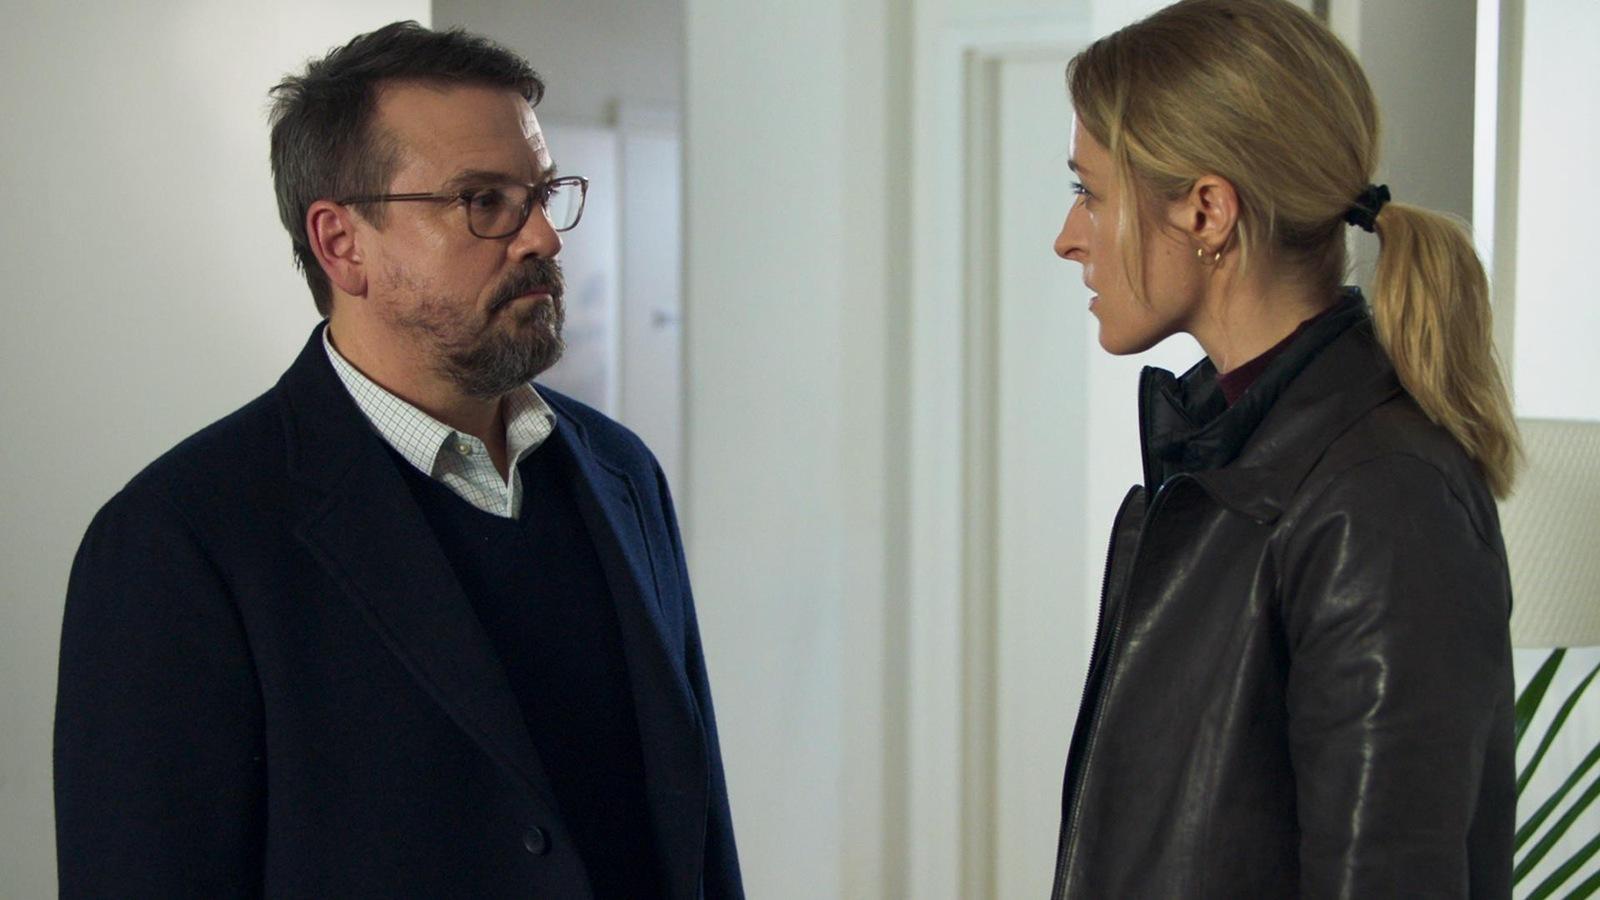 Henri Lacombe (Claude Legault) et Simone Vallier (Christine Beaulieu) sont debout face à face et discutent.